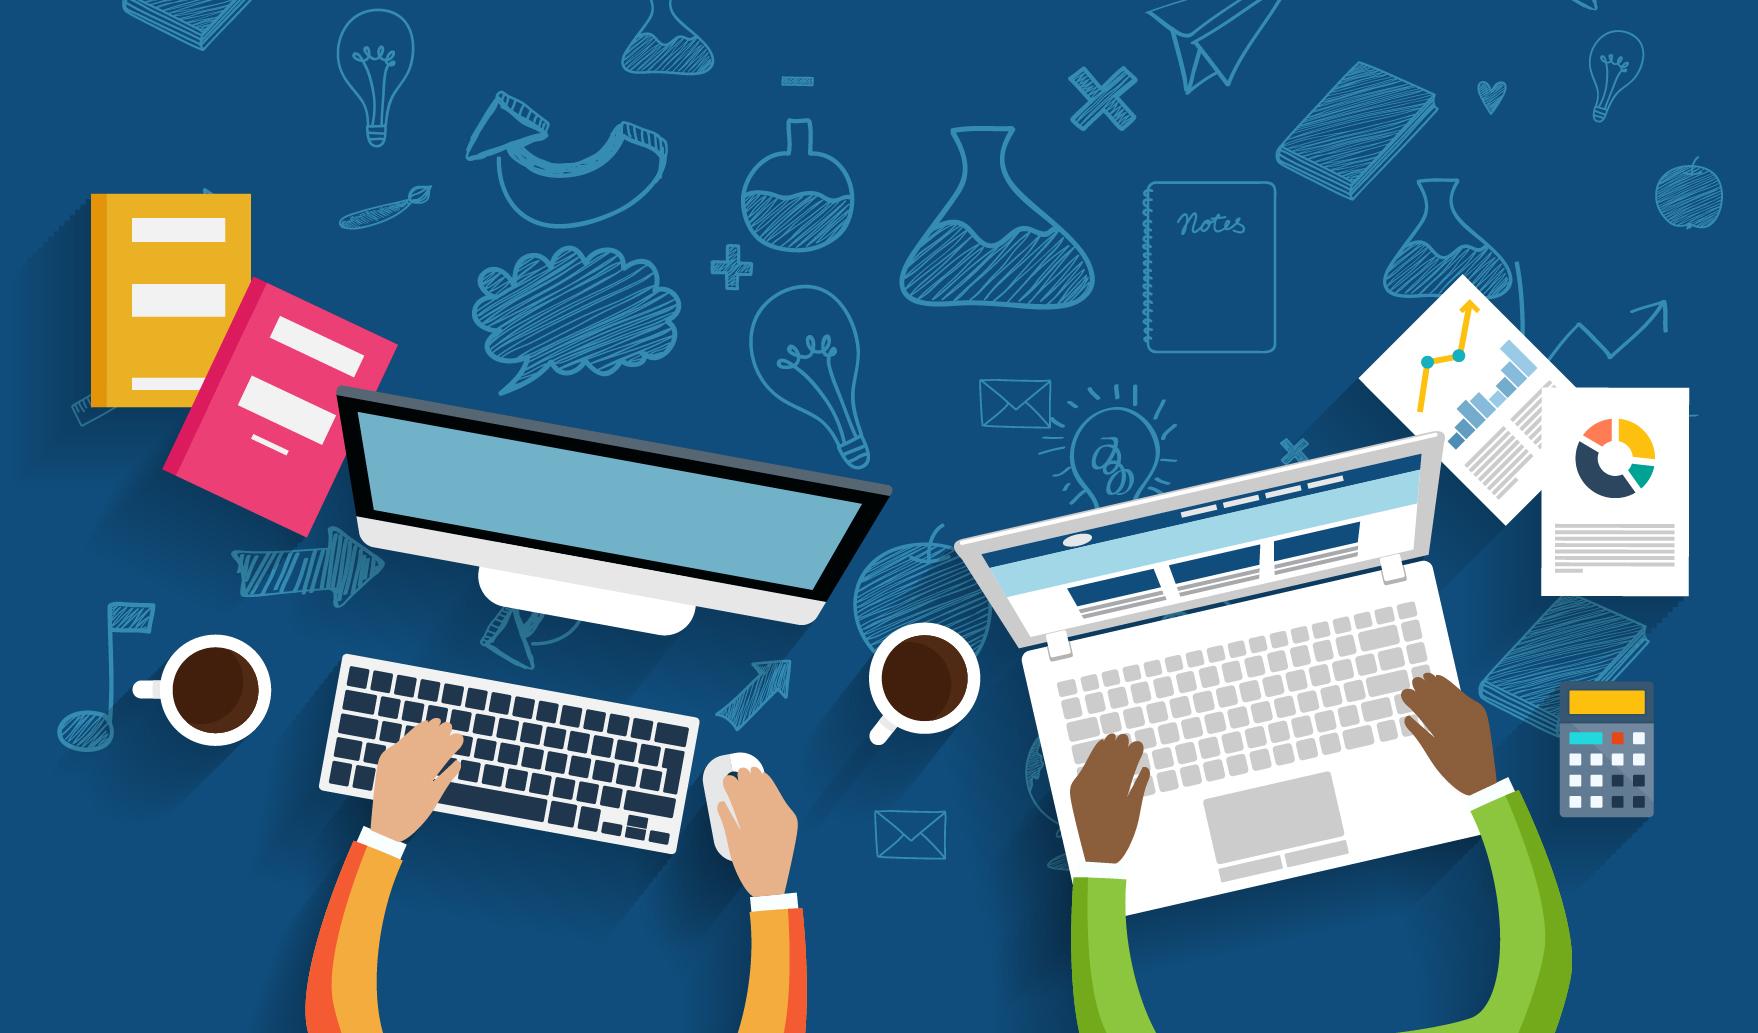 Шаблоны одностраничных сайтов для продажи товаров и услуг